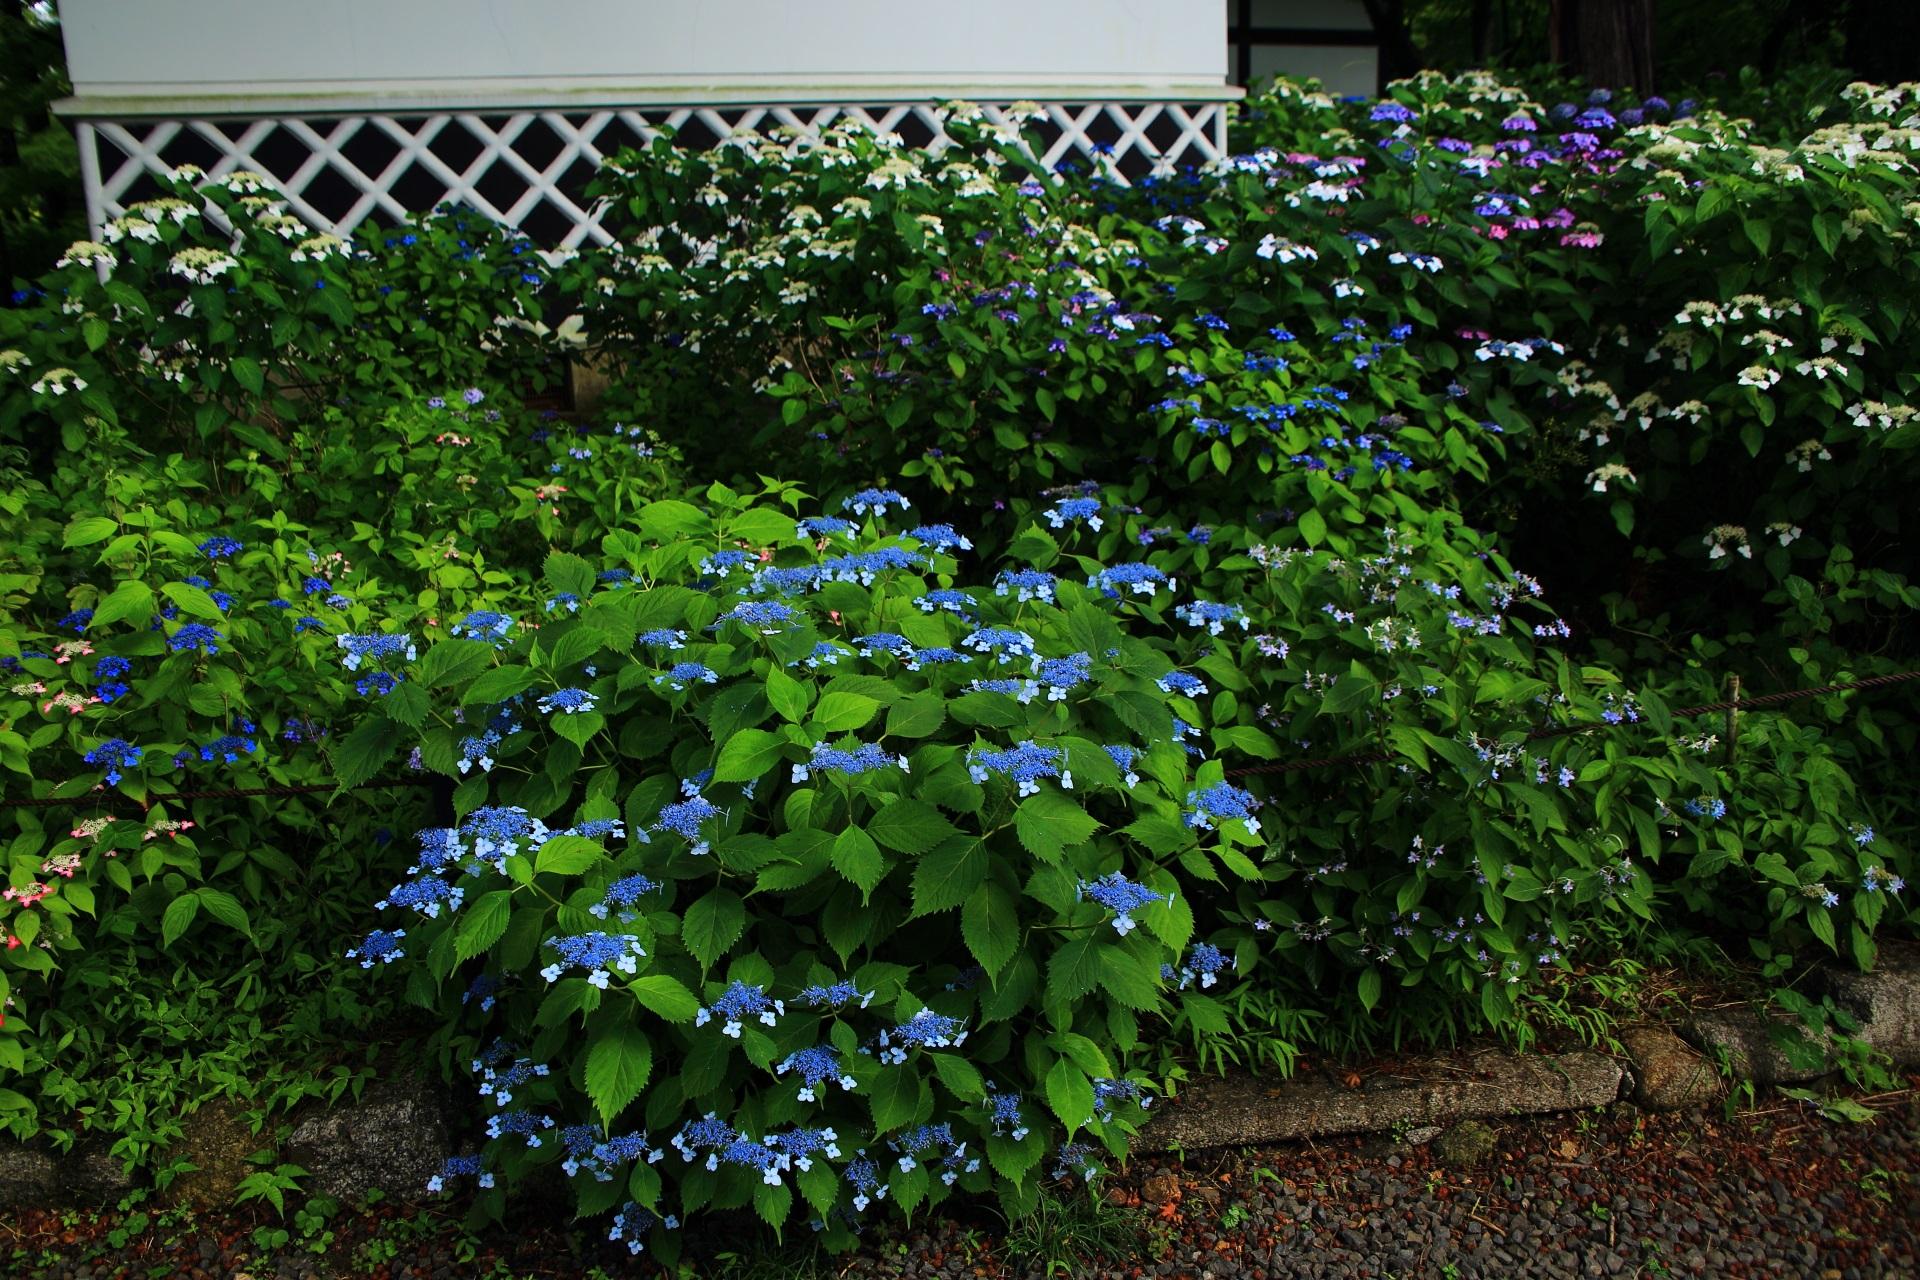 優雅に咲く青や紫の妖艶な額紫陽花